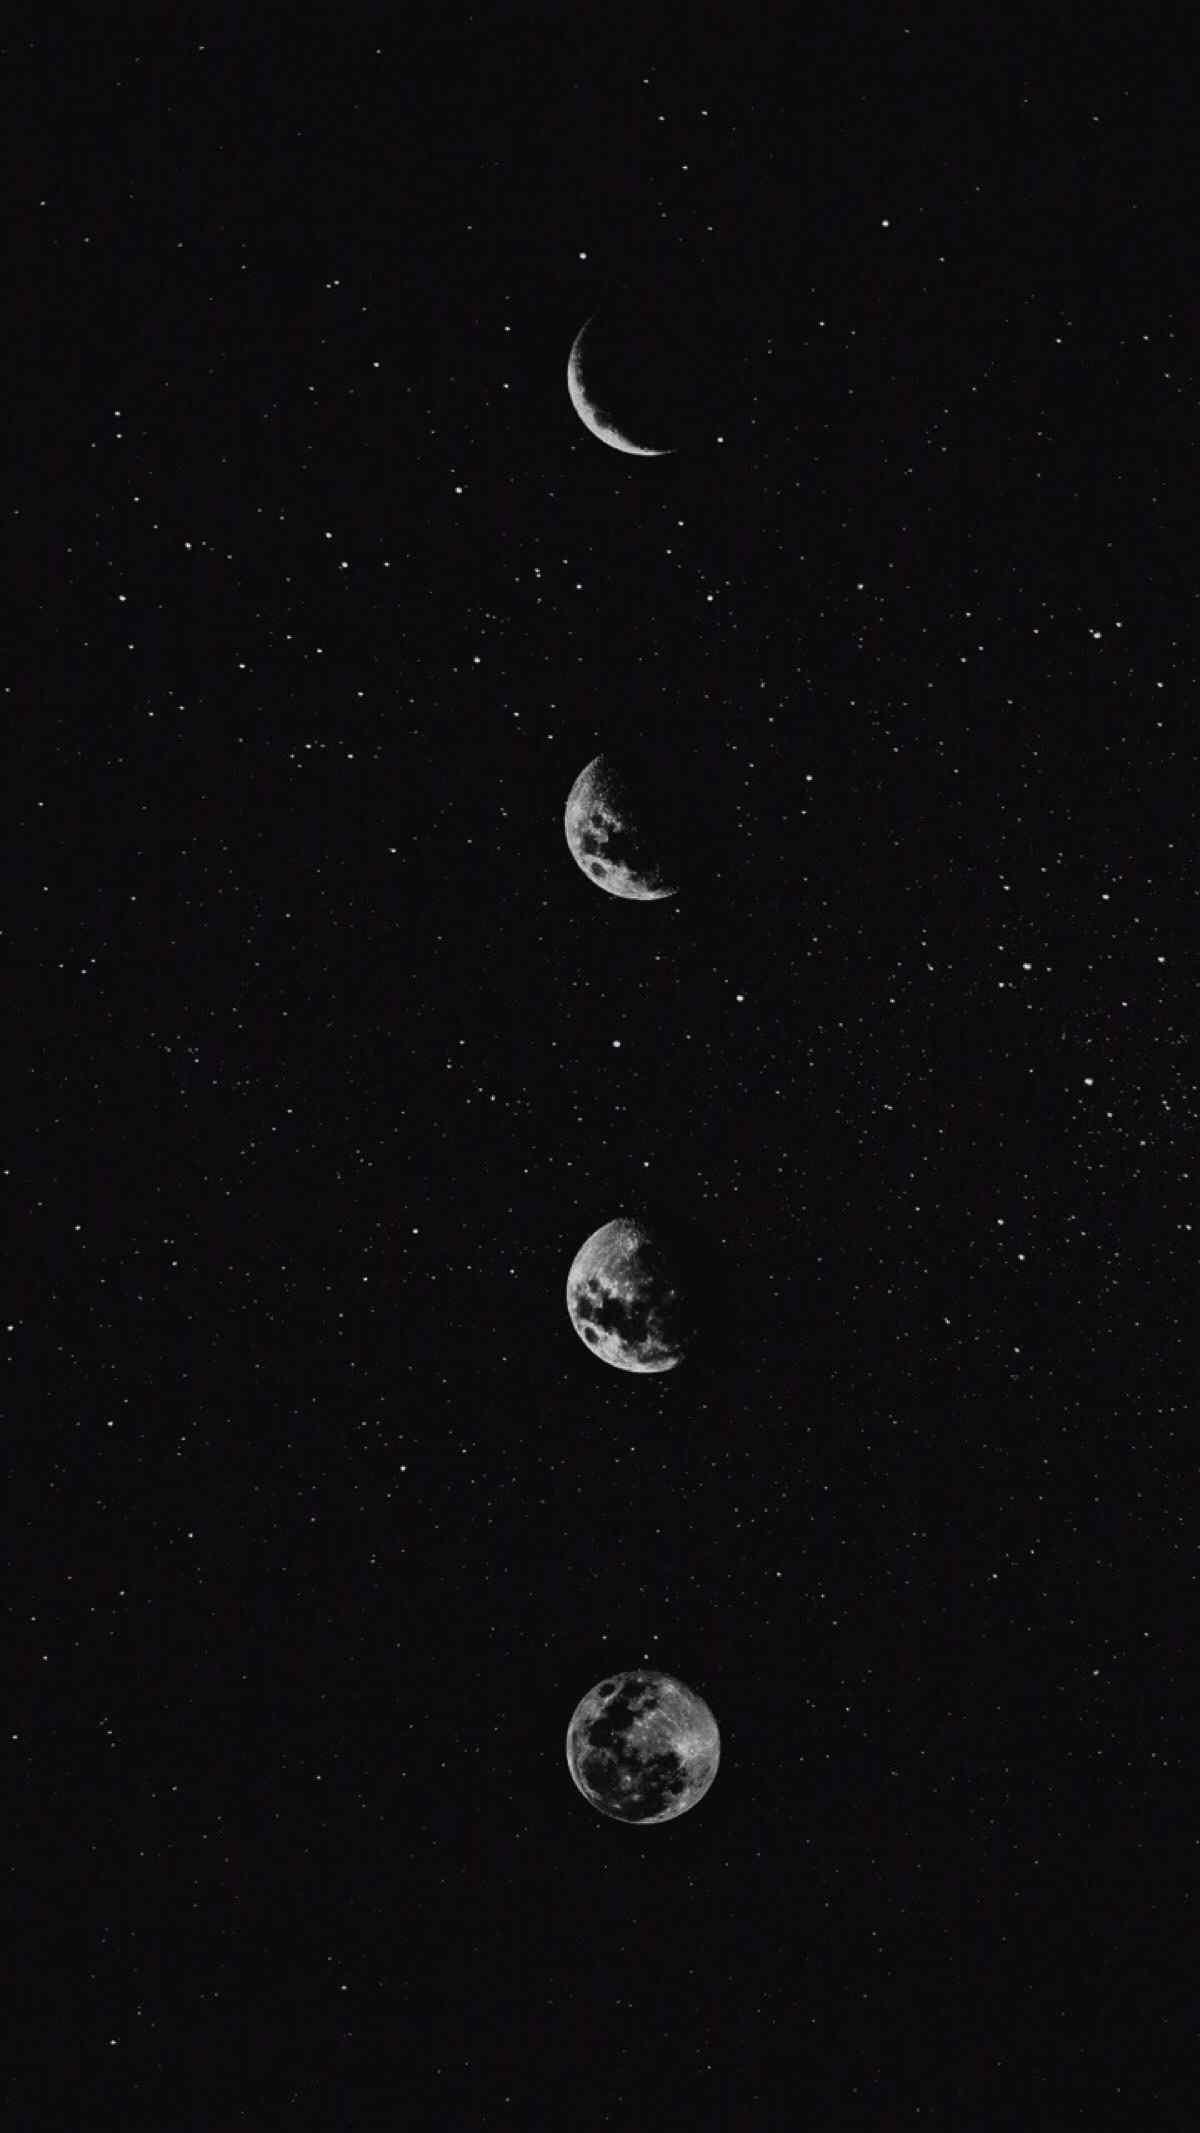 月亮阴晴变化图片手机壁纸